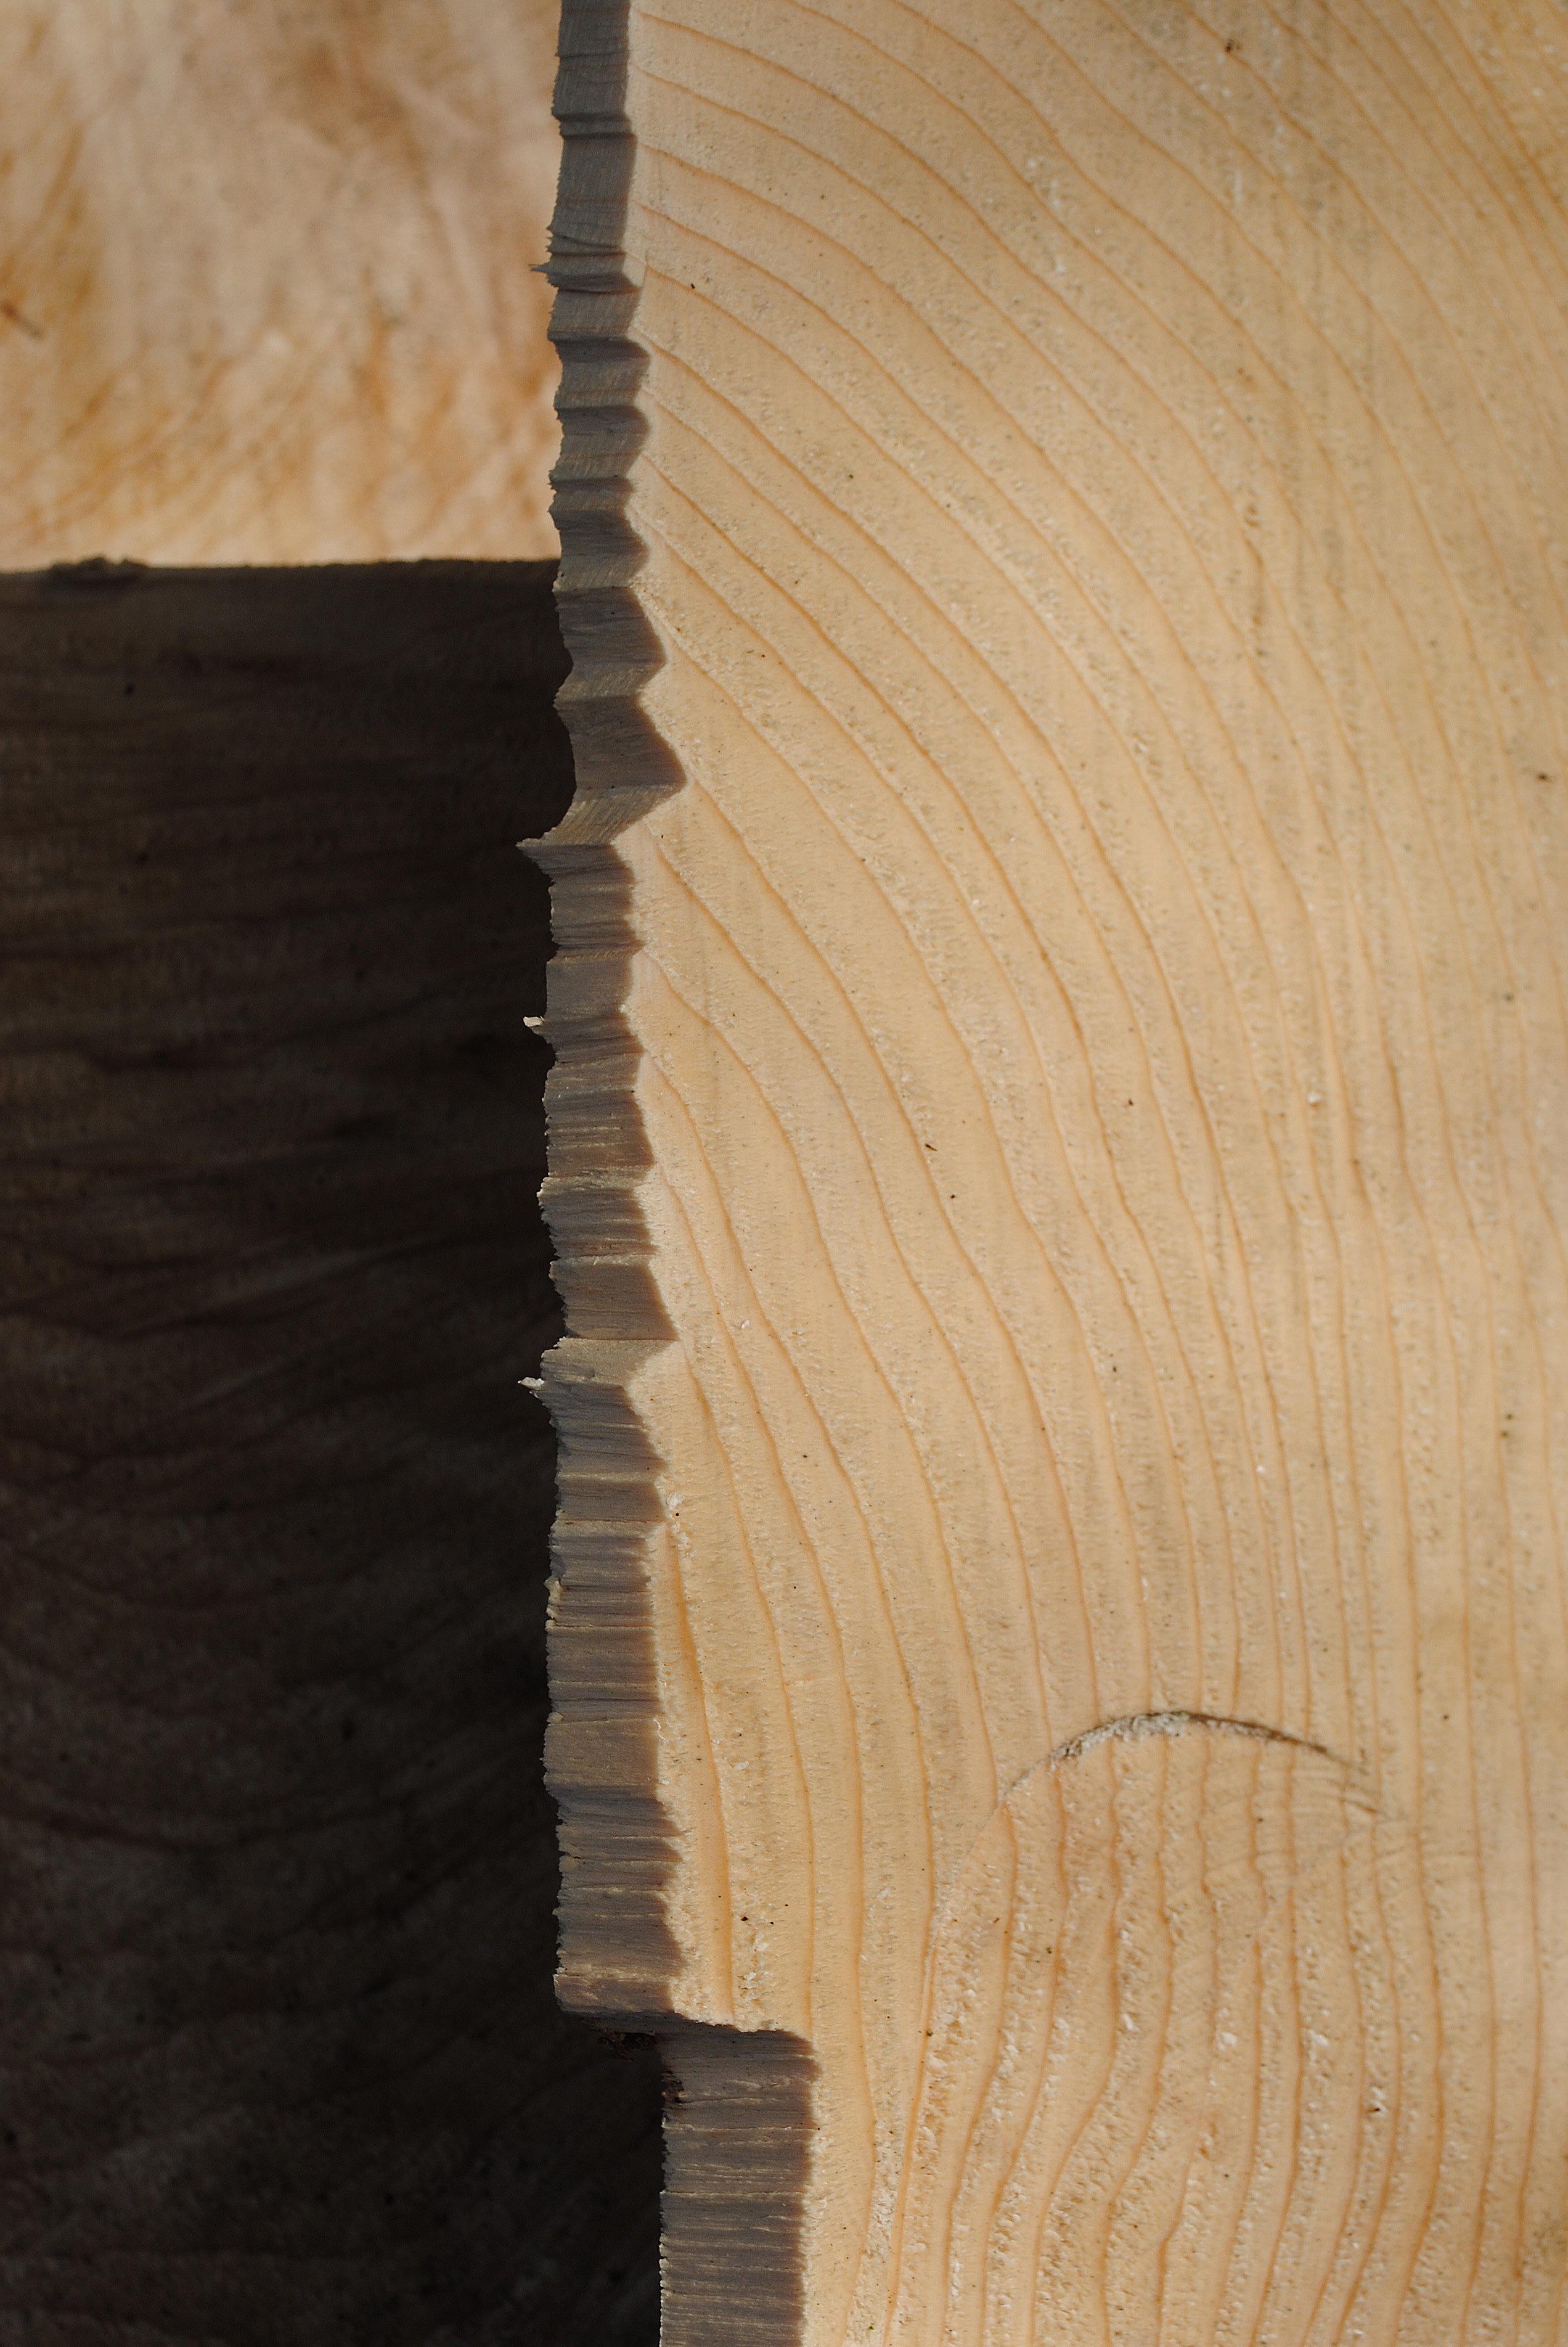 무료 이미지 : 구조, 벽, 부서진, 재목, 견목, 조각, 연륜, 합판 ...